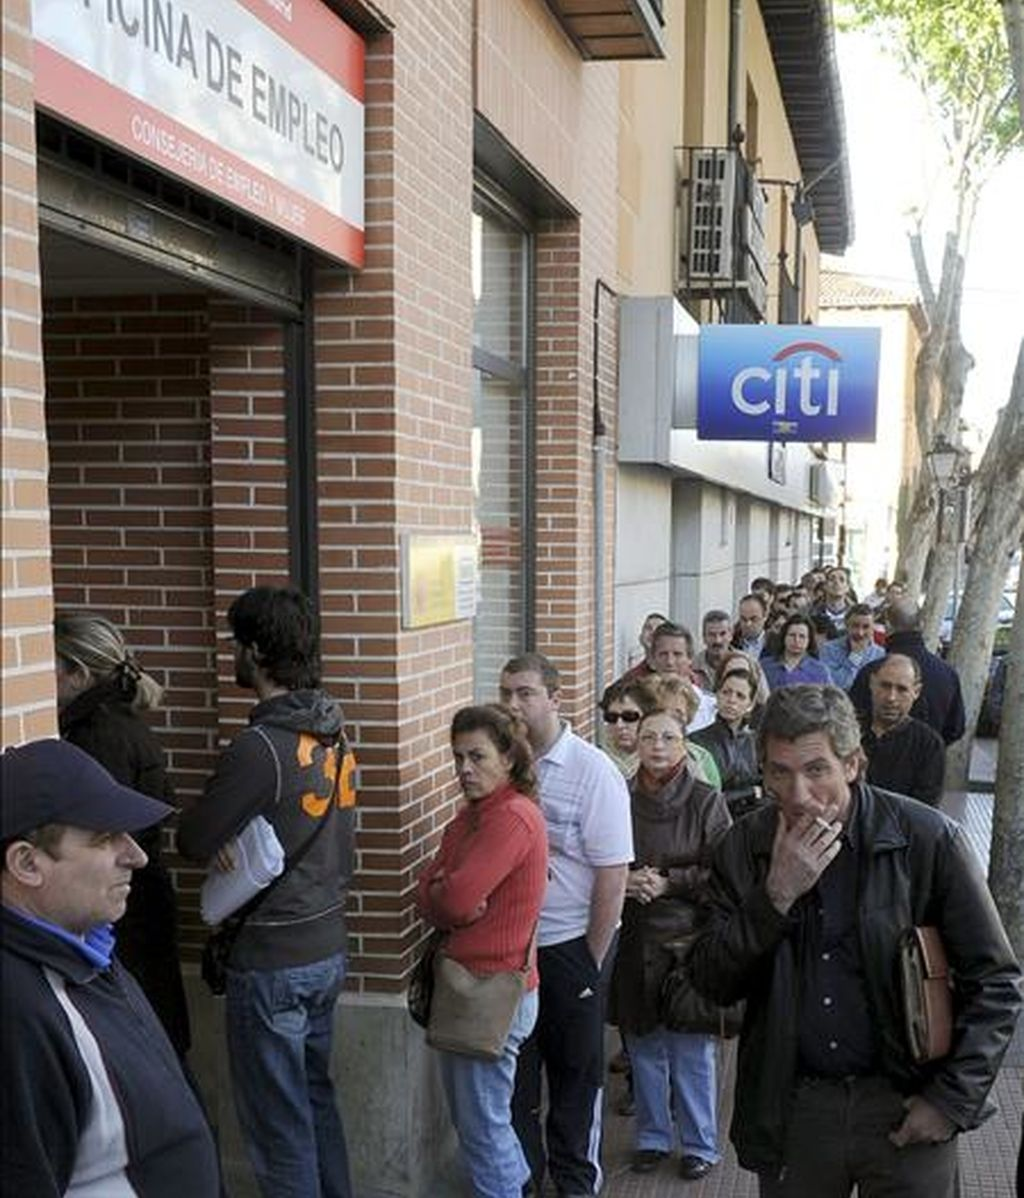 Desempleados hacen cola hoy frente a una oficina de empleo en Alcalá de Henares (Madrid). La tasa de paro aumentó 3,45 puntos hasta situarse en el 17,36% de la población activa en el primer trimestre del año y el número de desempleados alcanzó los 4.010.700, tras incrementarse en 802.800 personas en ese periodo, según la Encuesta de Población Activa (EPA) difundida hoy por el INE.  EFE